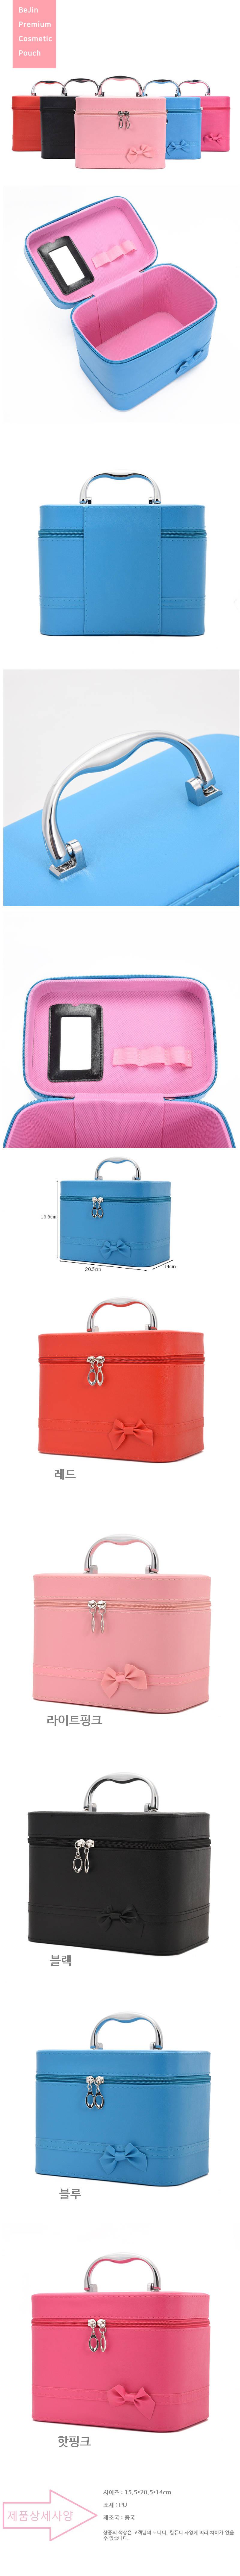 비진 캐리본 메이크업 박스 화장품 파우치 - 제로투원, 9,570원, 메이크업 파우치, 지퍼형